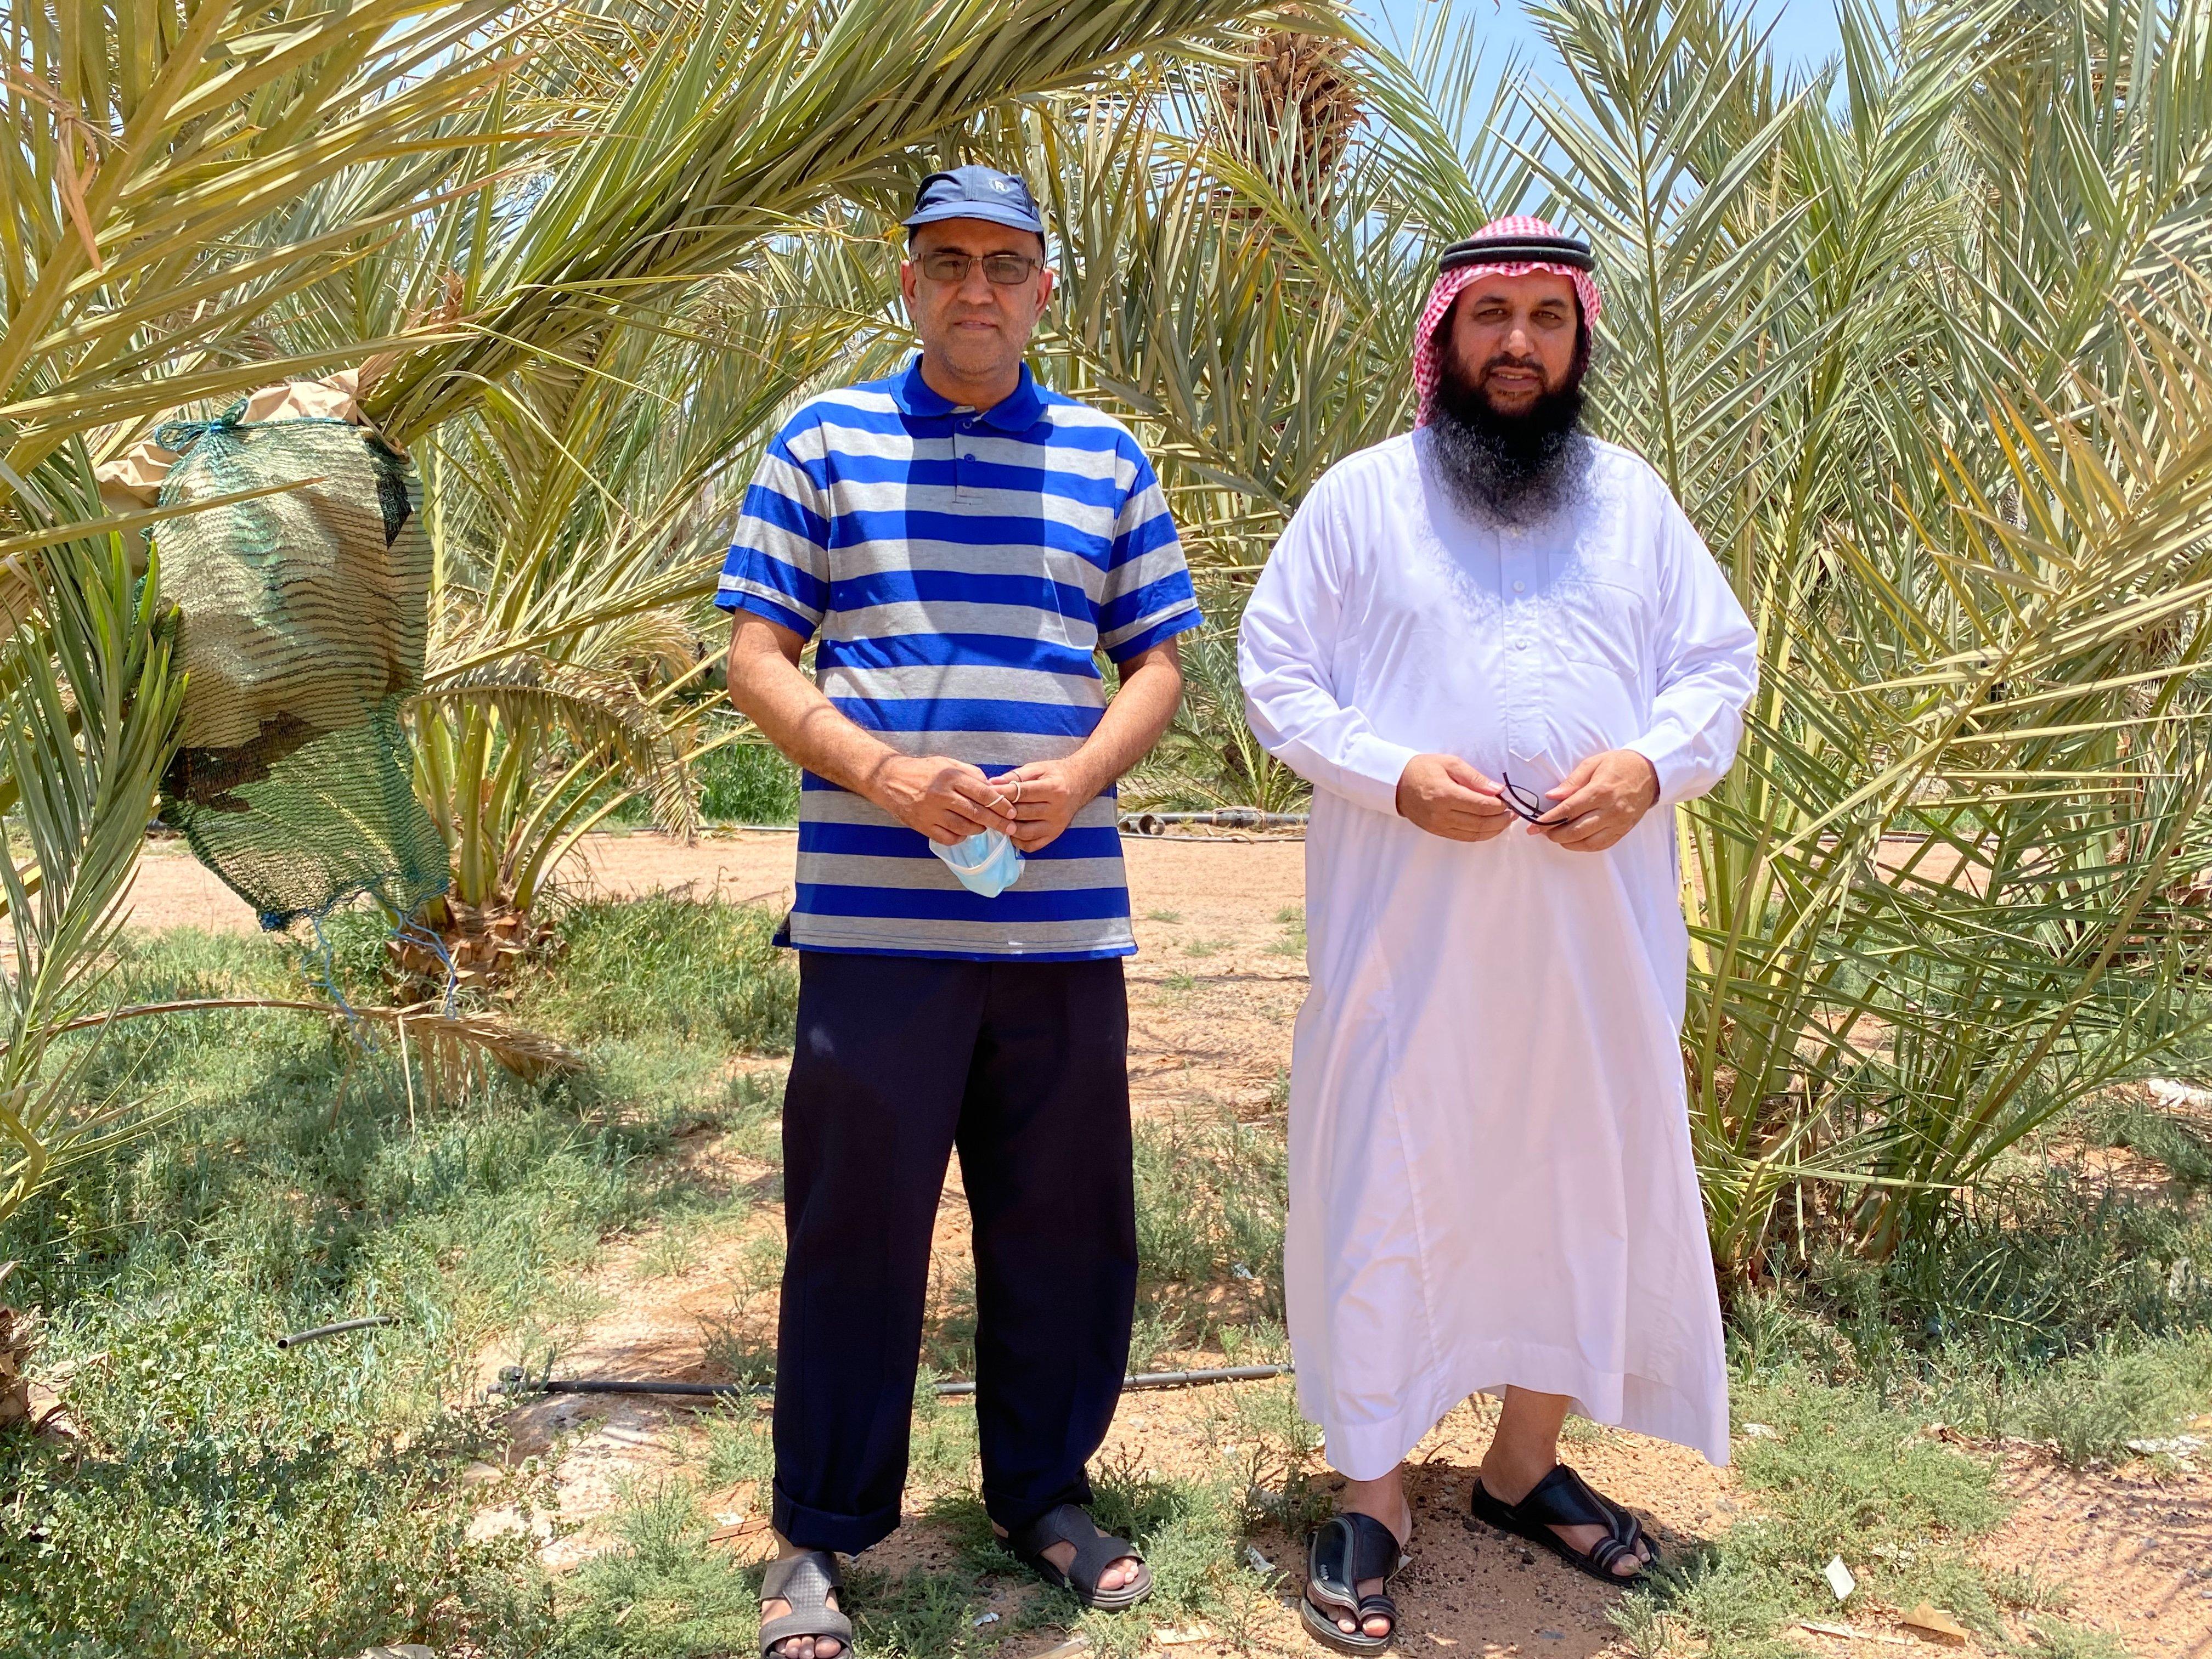 البروفيسور محمد أخلاقي في زيارة لمزارعنا